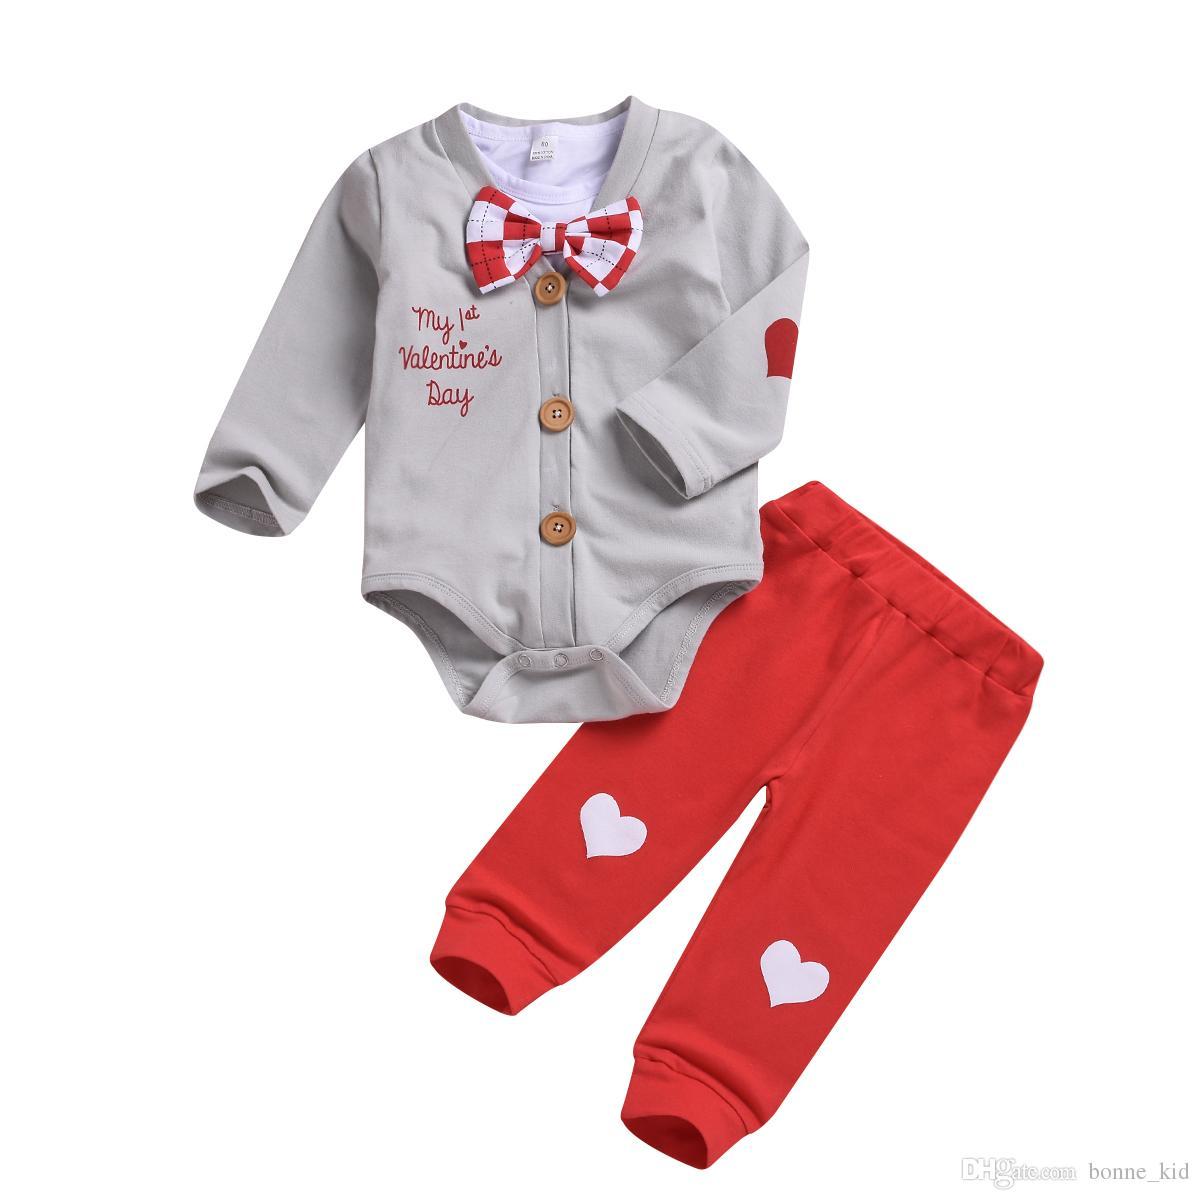 عيد الحب السروال القصير الطفل ملابس الأولاد + قميص + بنطلون 3 قطعة مجموعة ربطة قلب أحمر soild القطن طفل رضيع ملابس ملابس 0-24M